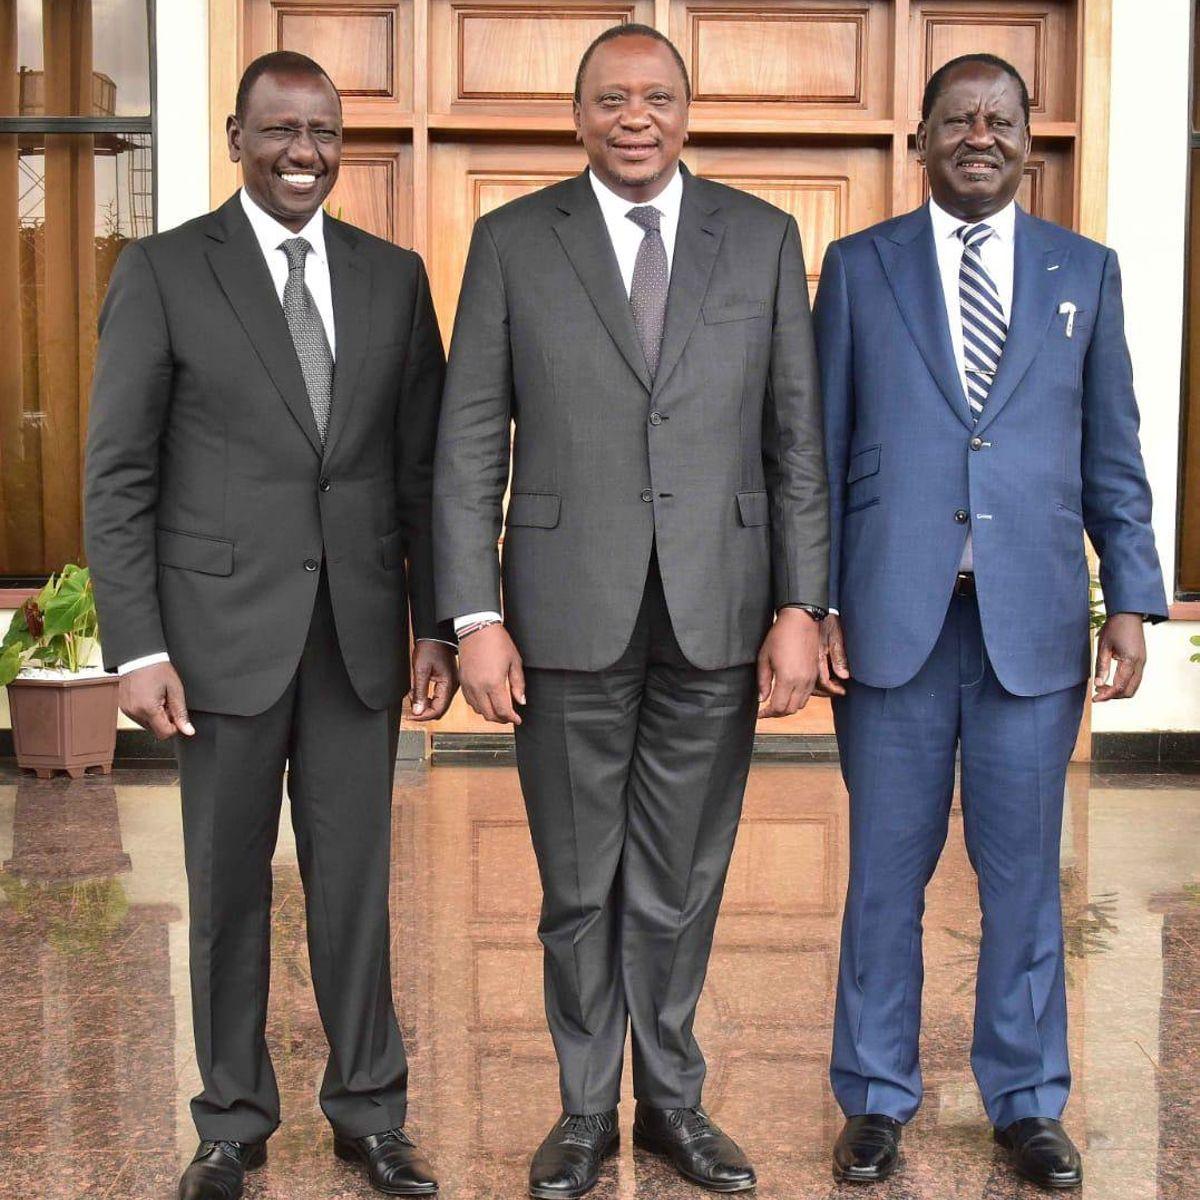 Uhuru Kenyatta, Raila Odinga and William Ruto